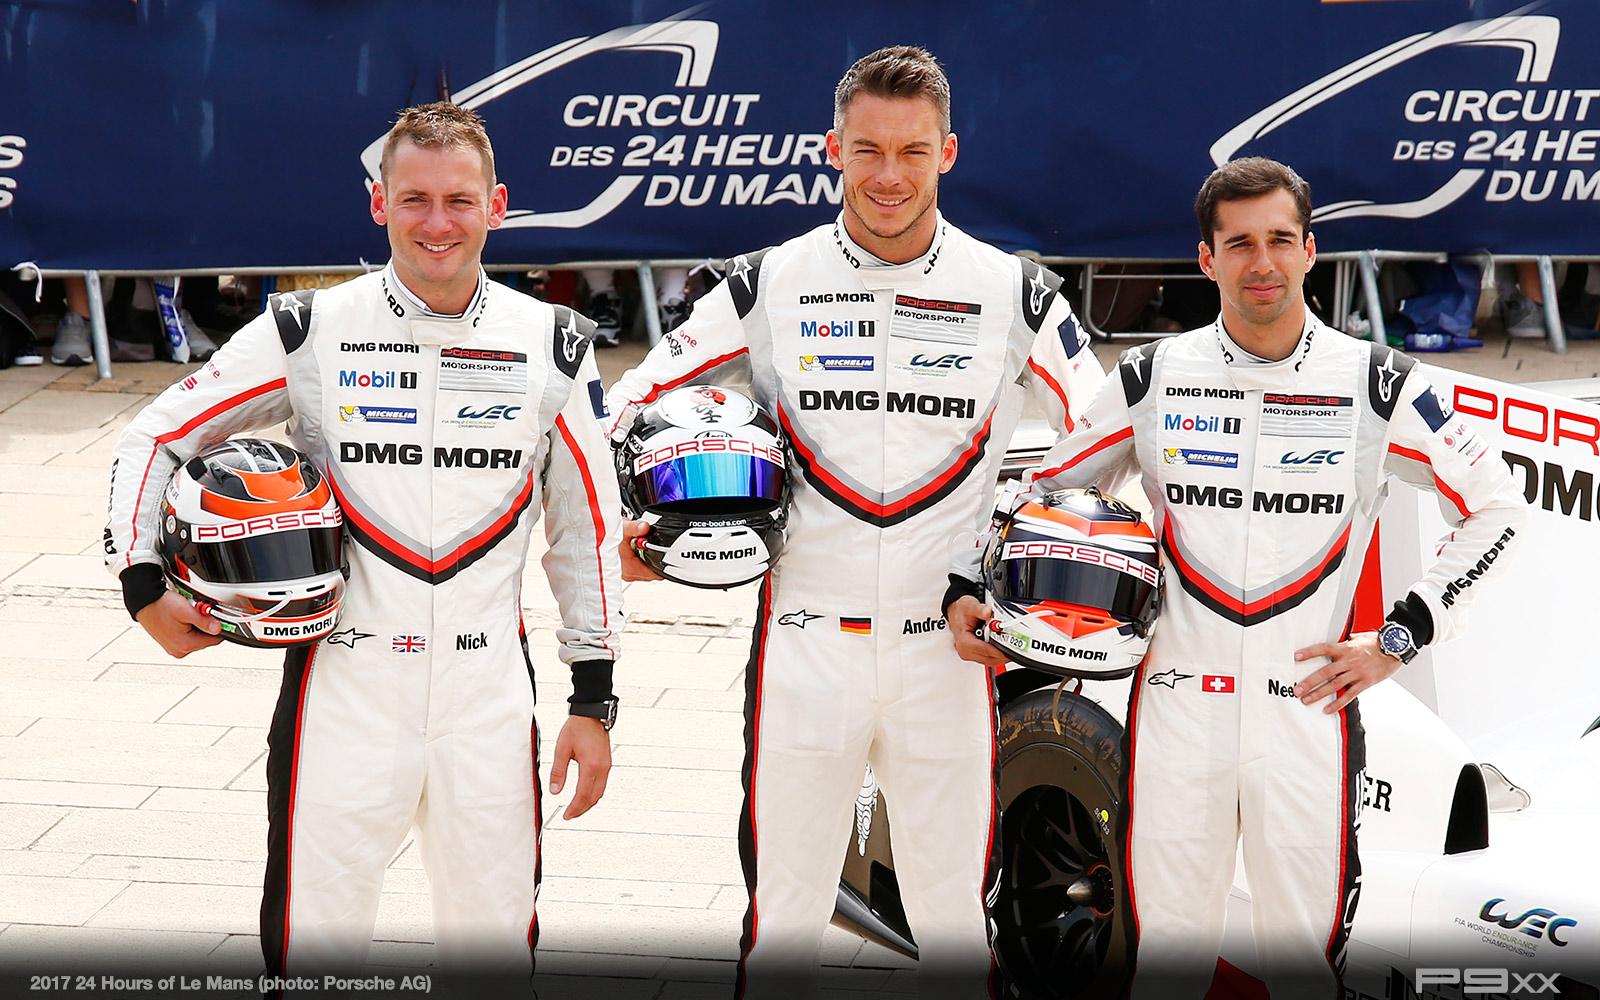 Scrutineering (2017 24h Le Mans)